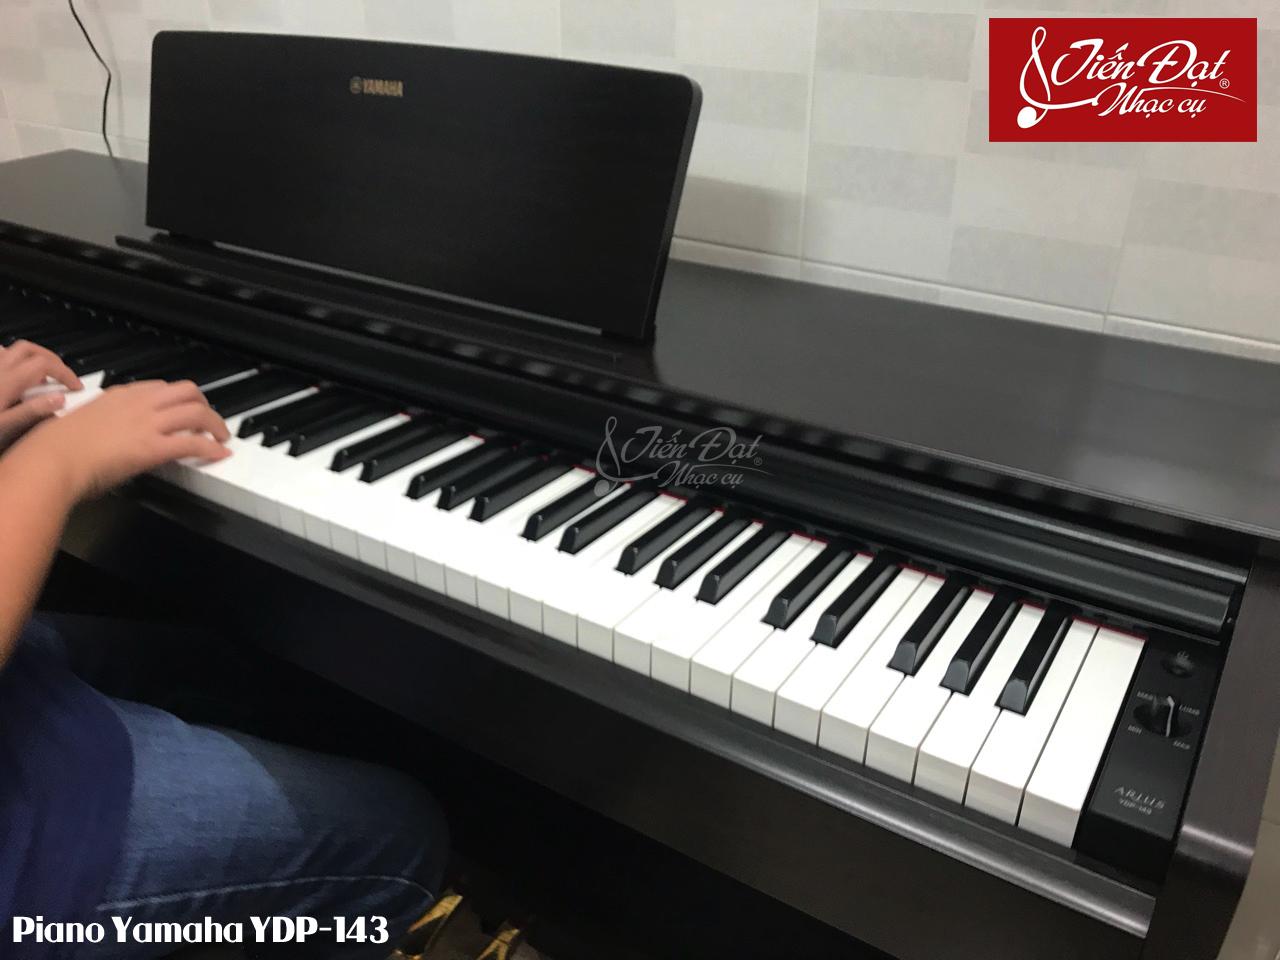 piano i n yamaha ydp 143 piano i n gi r mua h n i. Black Bedroom Furniture Sets. Home Design Ideas